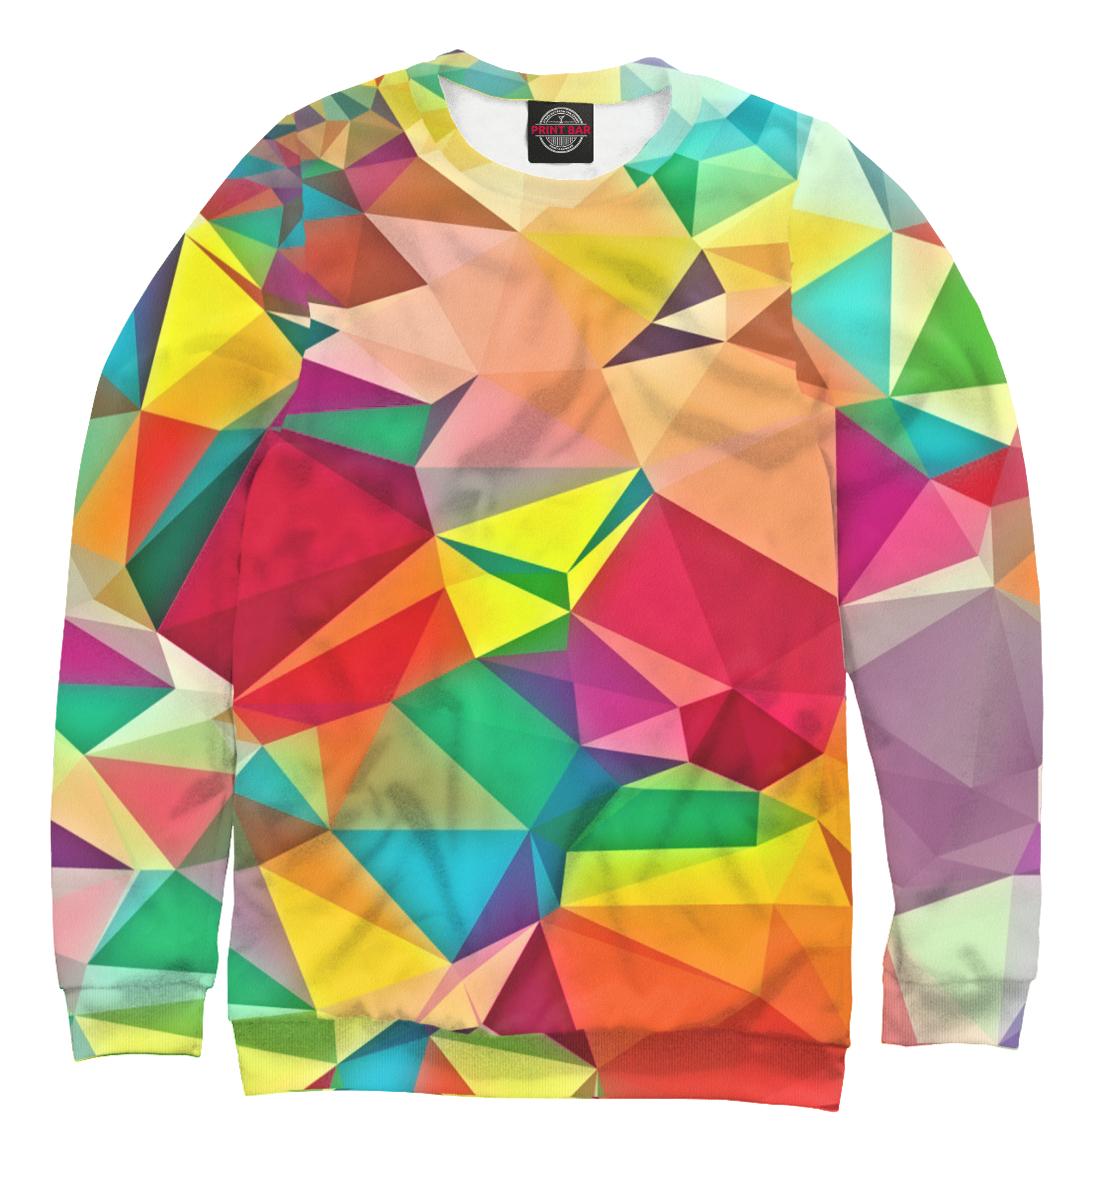 Купить Цветная абстракция, Printbar, Свитшоты, ABS-277635-swi-1